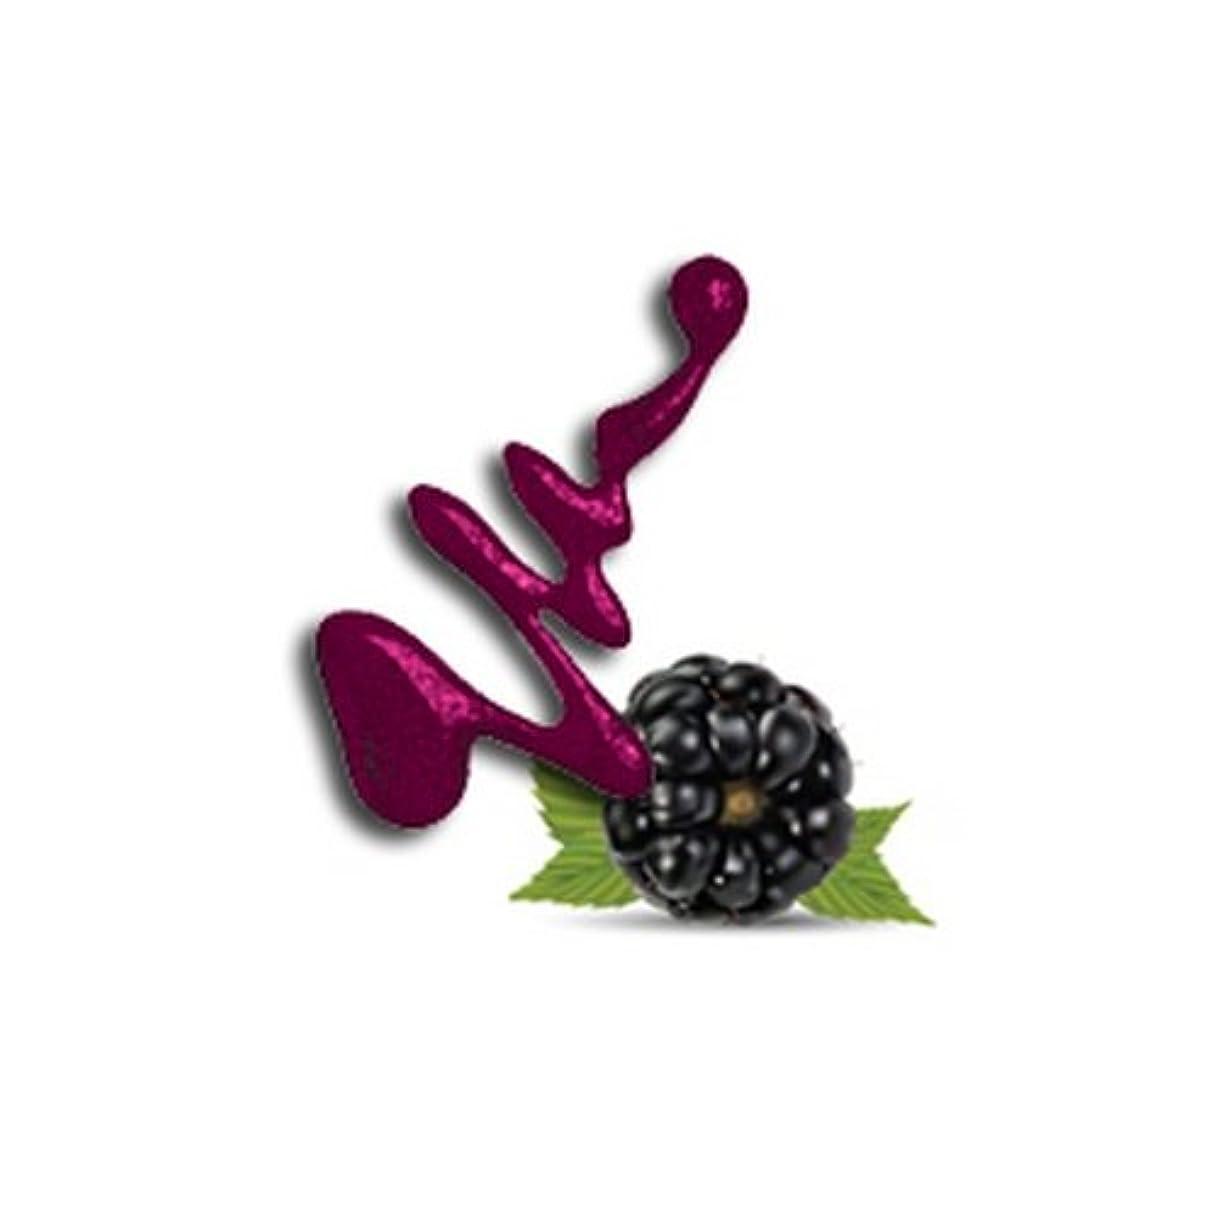 生き返らせる争いミキサーLA GIRL Fruity Scented Nail Polish - Blissful Blackberry (並行輸入品)